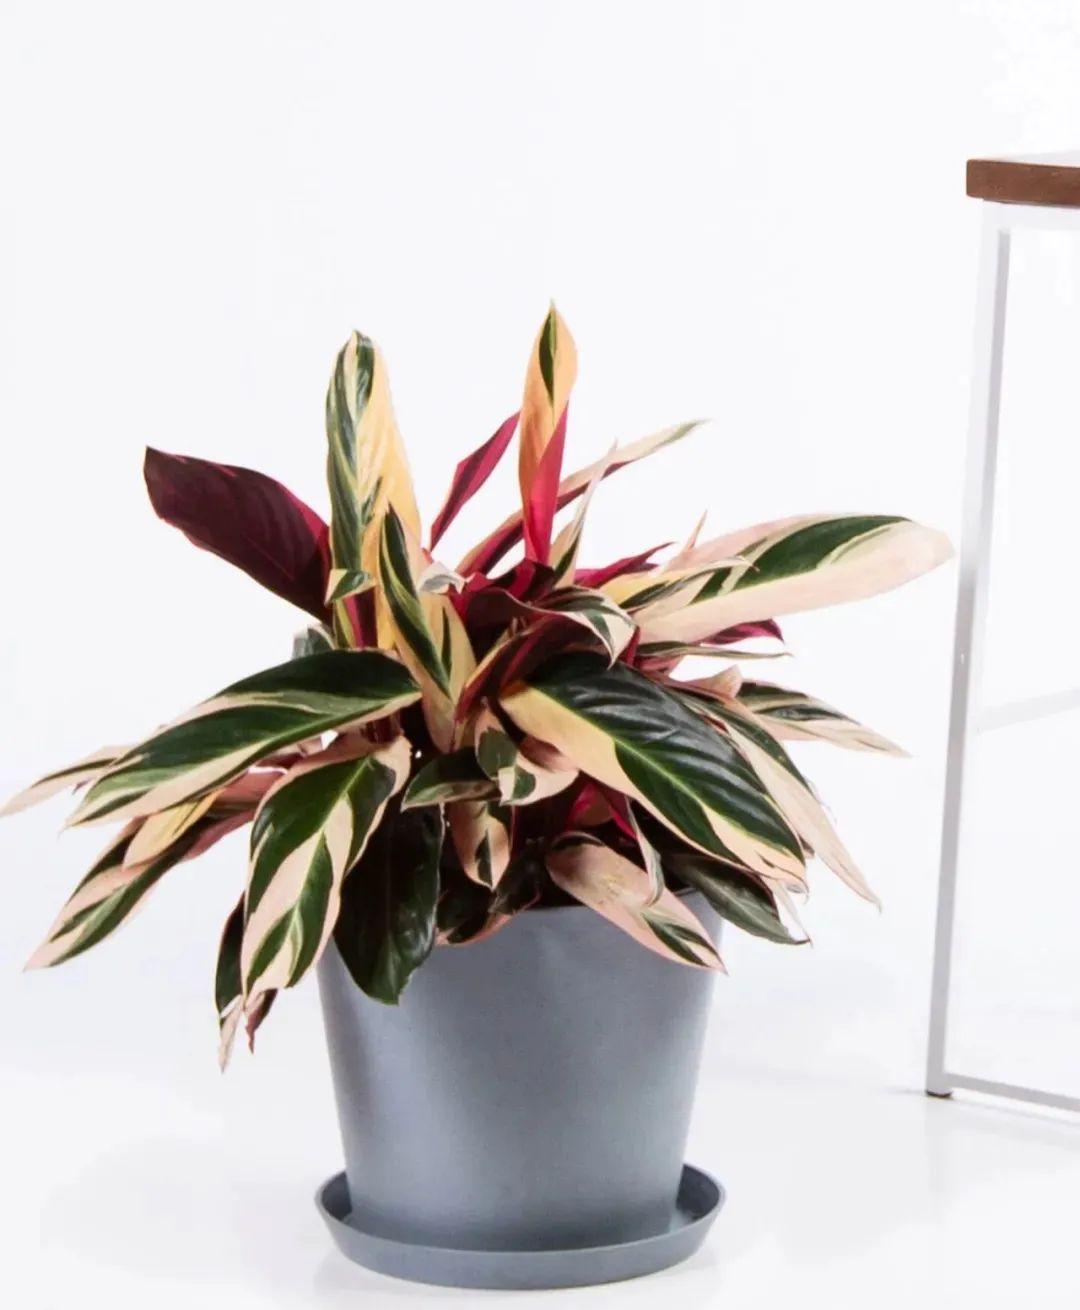 便宜又带锦的室内观叶植物,斑斓的叶子真好看,别总挑贵的买